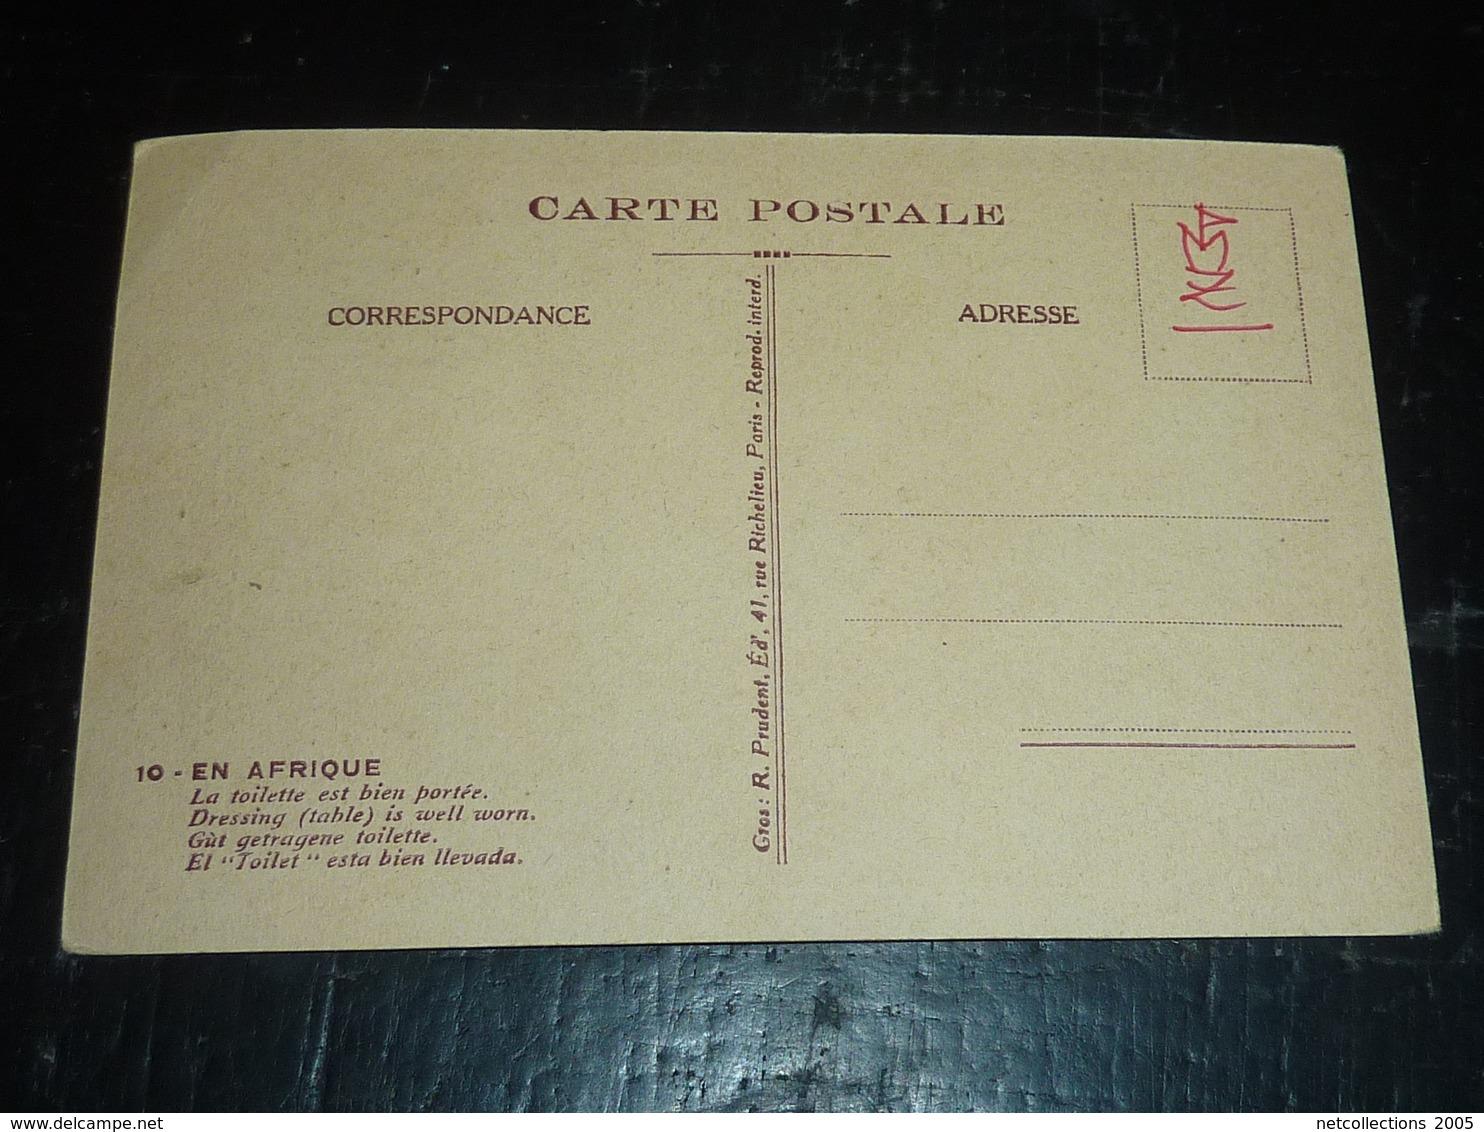 EN AFRIQUE, LA TOILETTE EST BIEN PORTEE - DESSIN HUMOUR - AFRIQUE (AD) - Cartes Postales